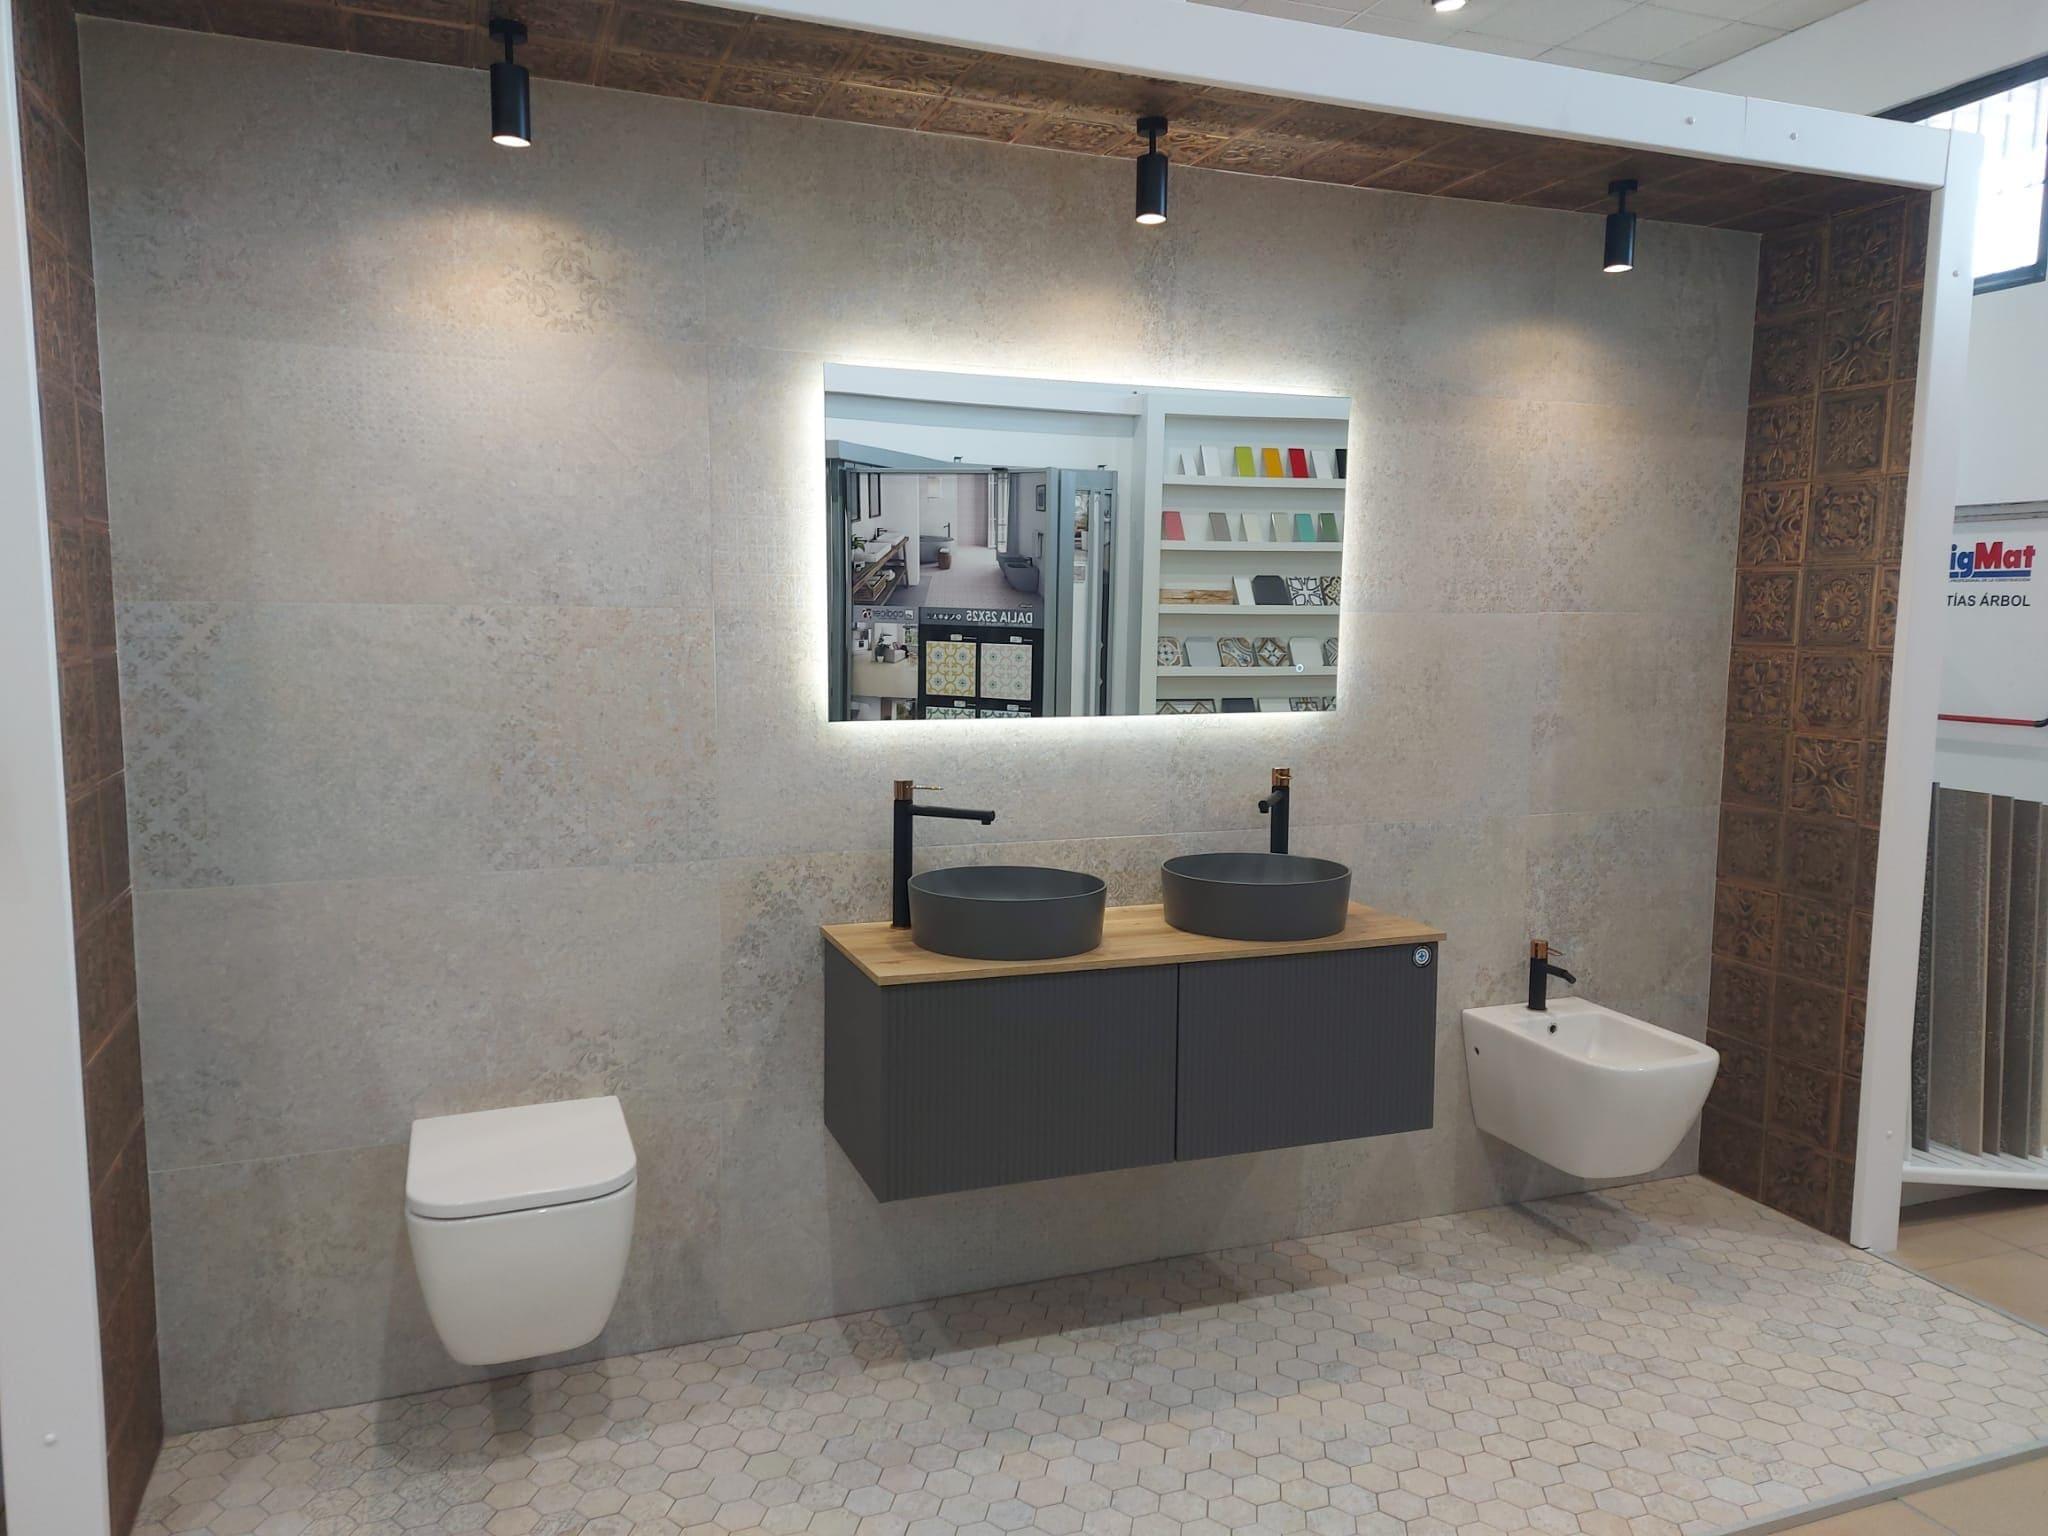 bano-ceramica-inodoro-bide Exposición Azulejos Cerámica y Baño